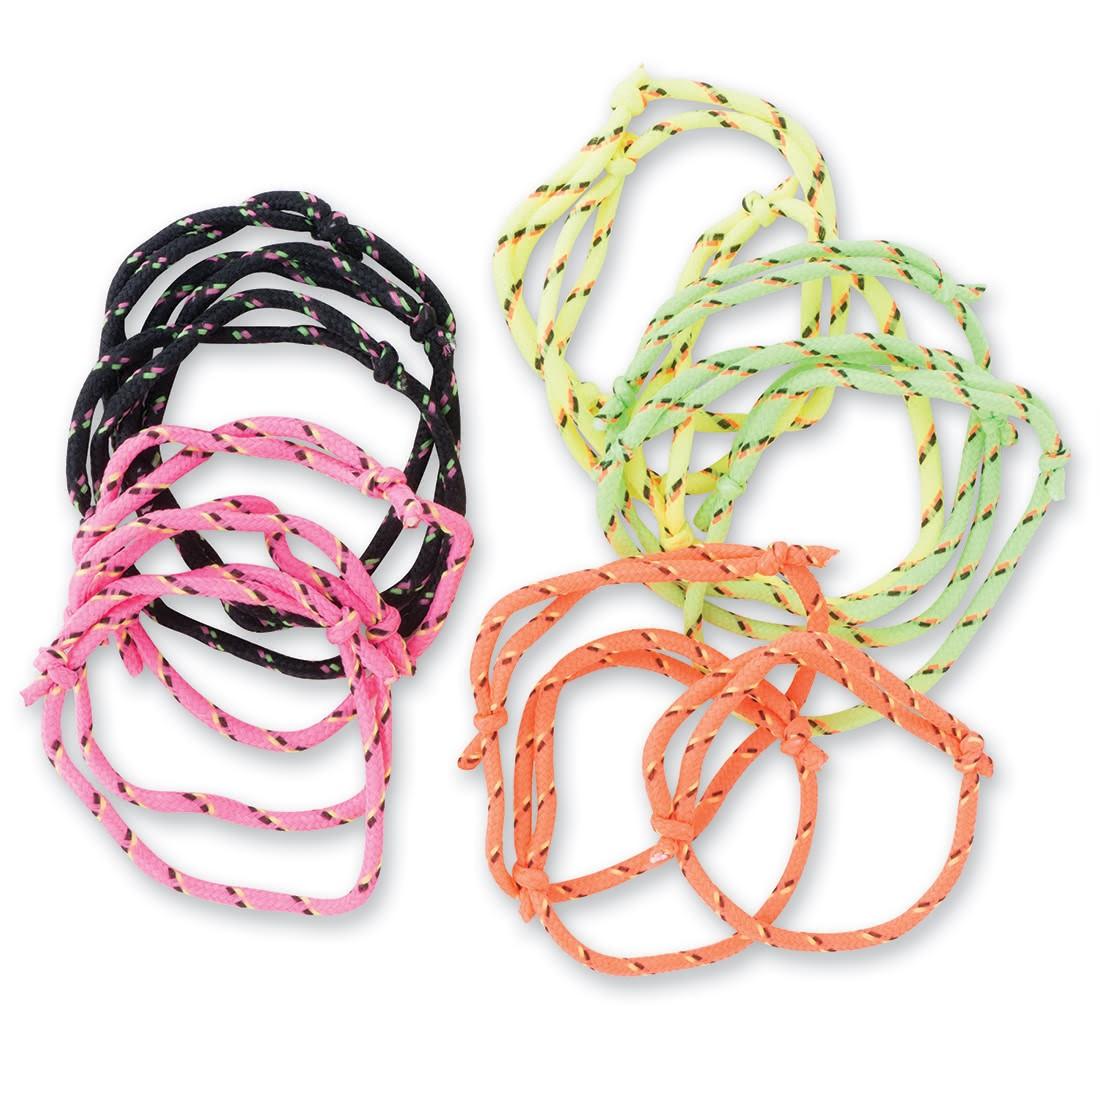 Adjustable Bracelets [image]